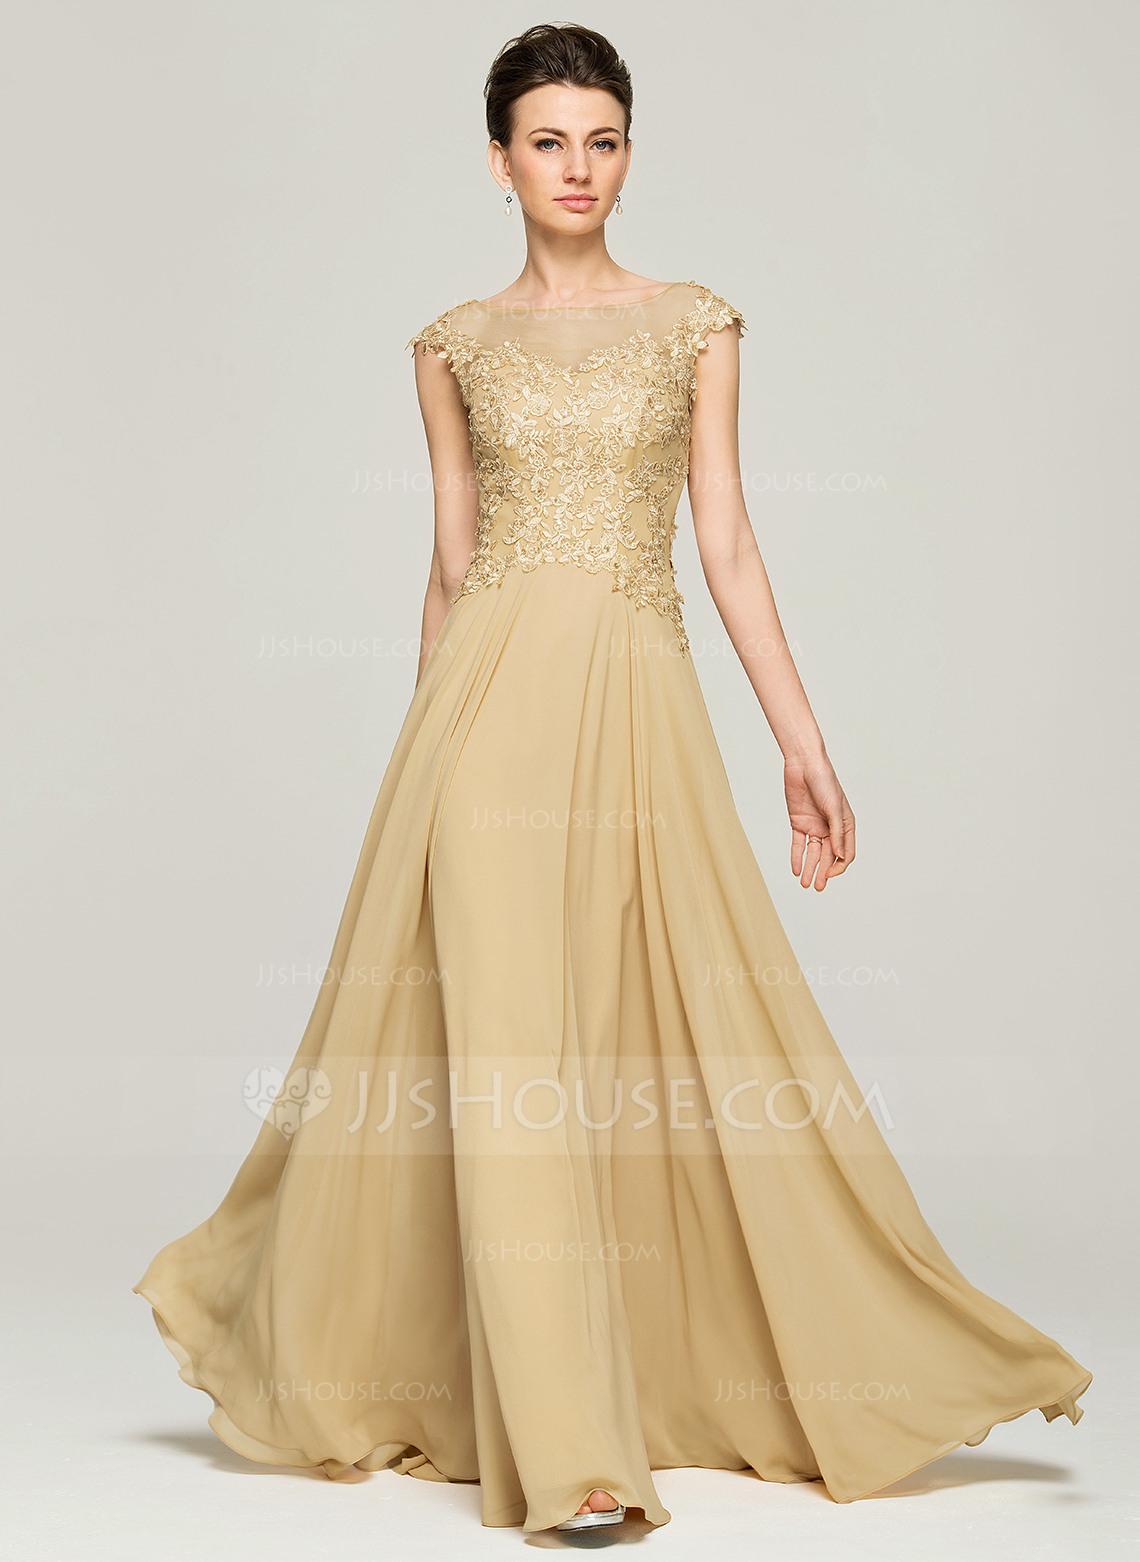 15 Fantastisch Abendkleider Jj BoutiqueAbend Genial Abendkleider Jj Stylish